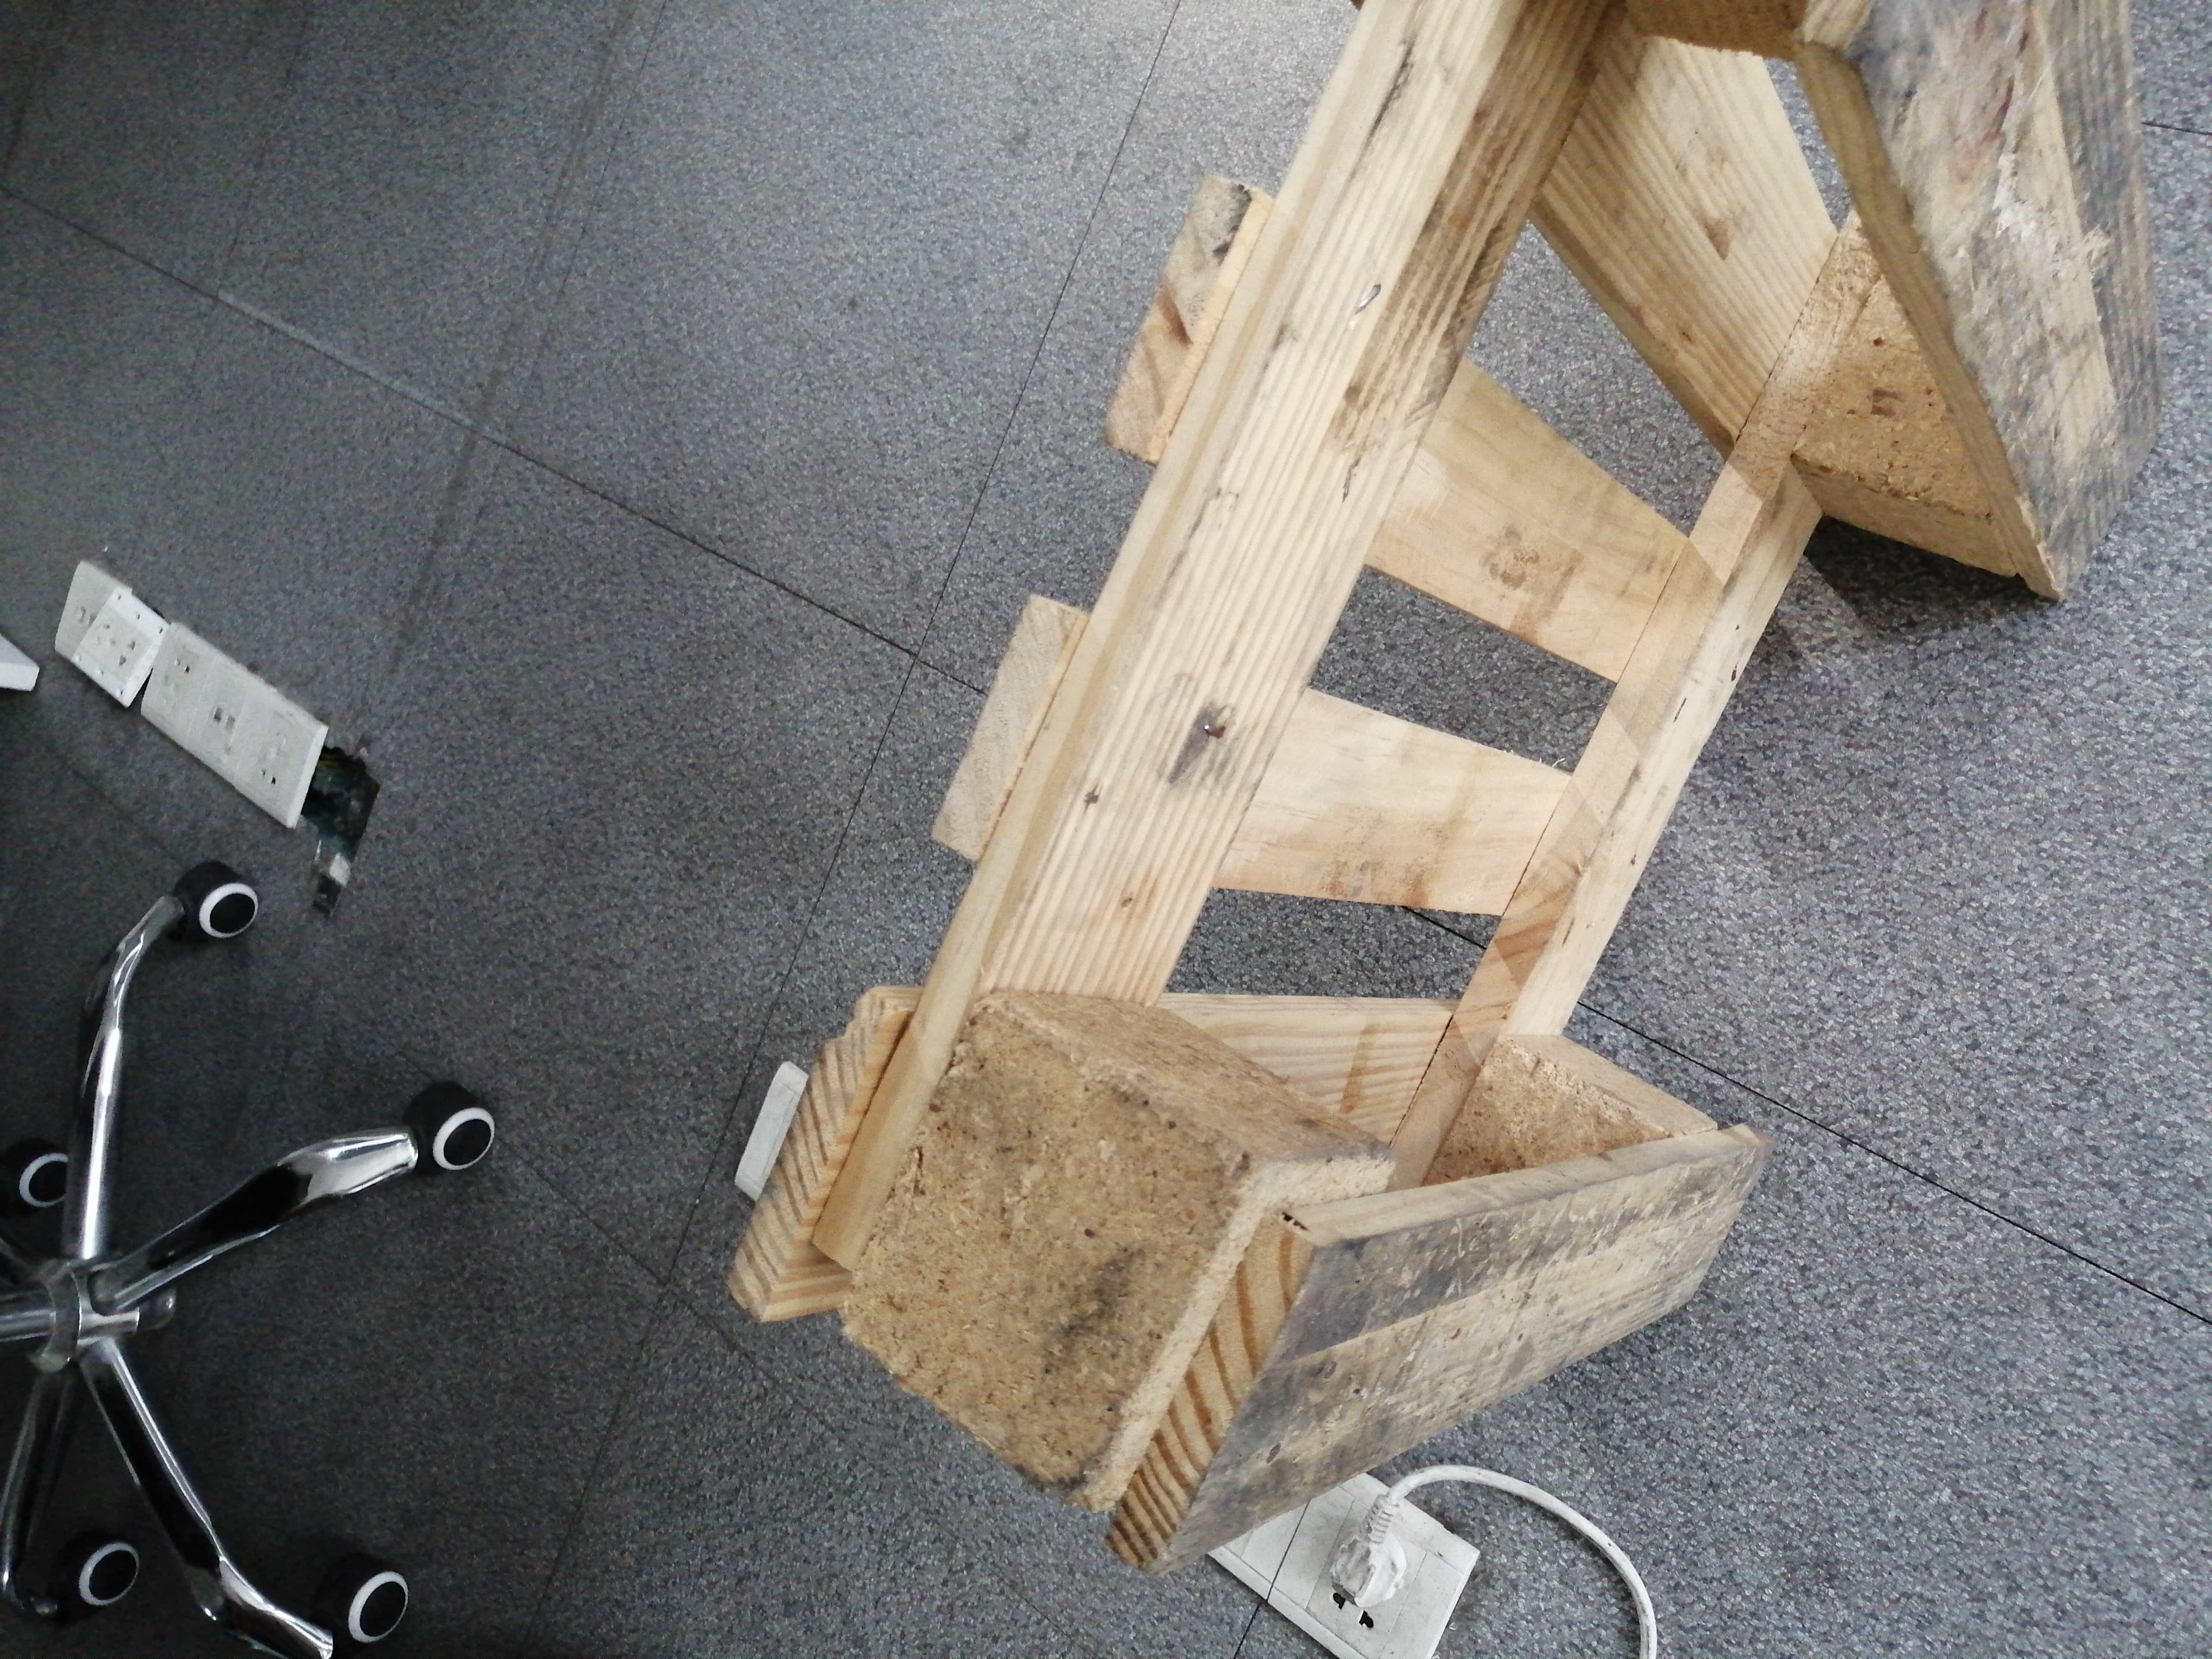 温州木质木托盘-温州木质木托盘批发、促销价??,➙▥Ⓥ、产地货